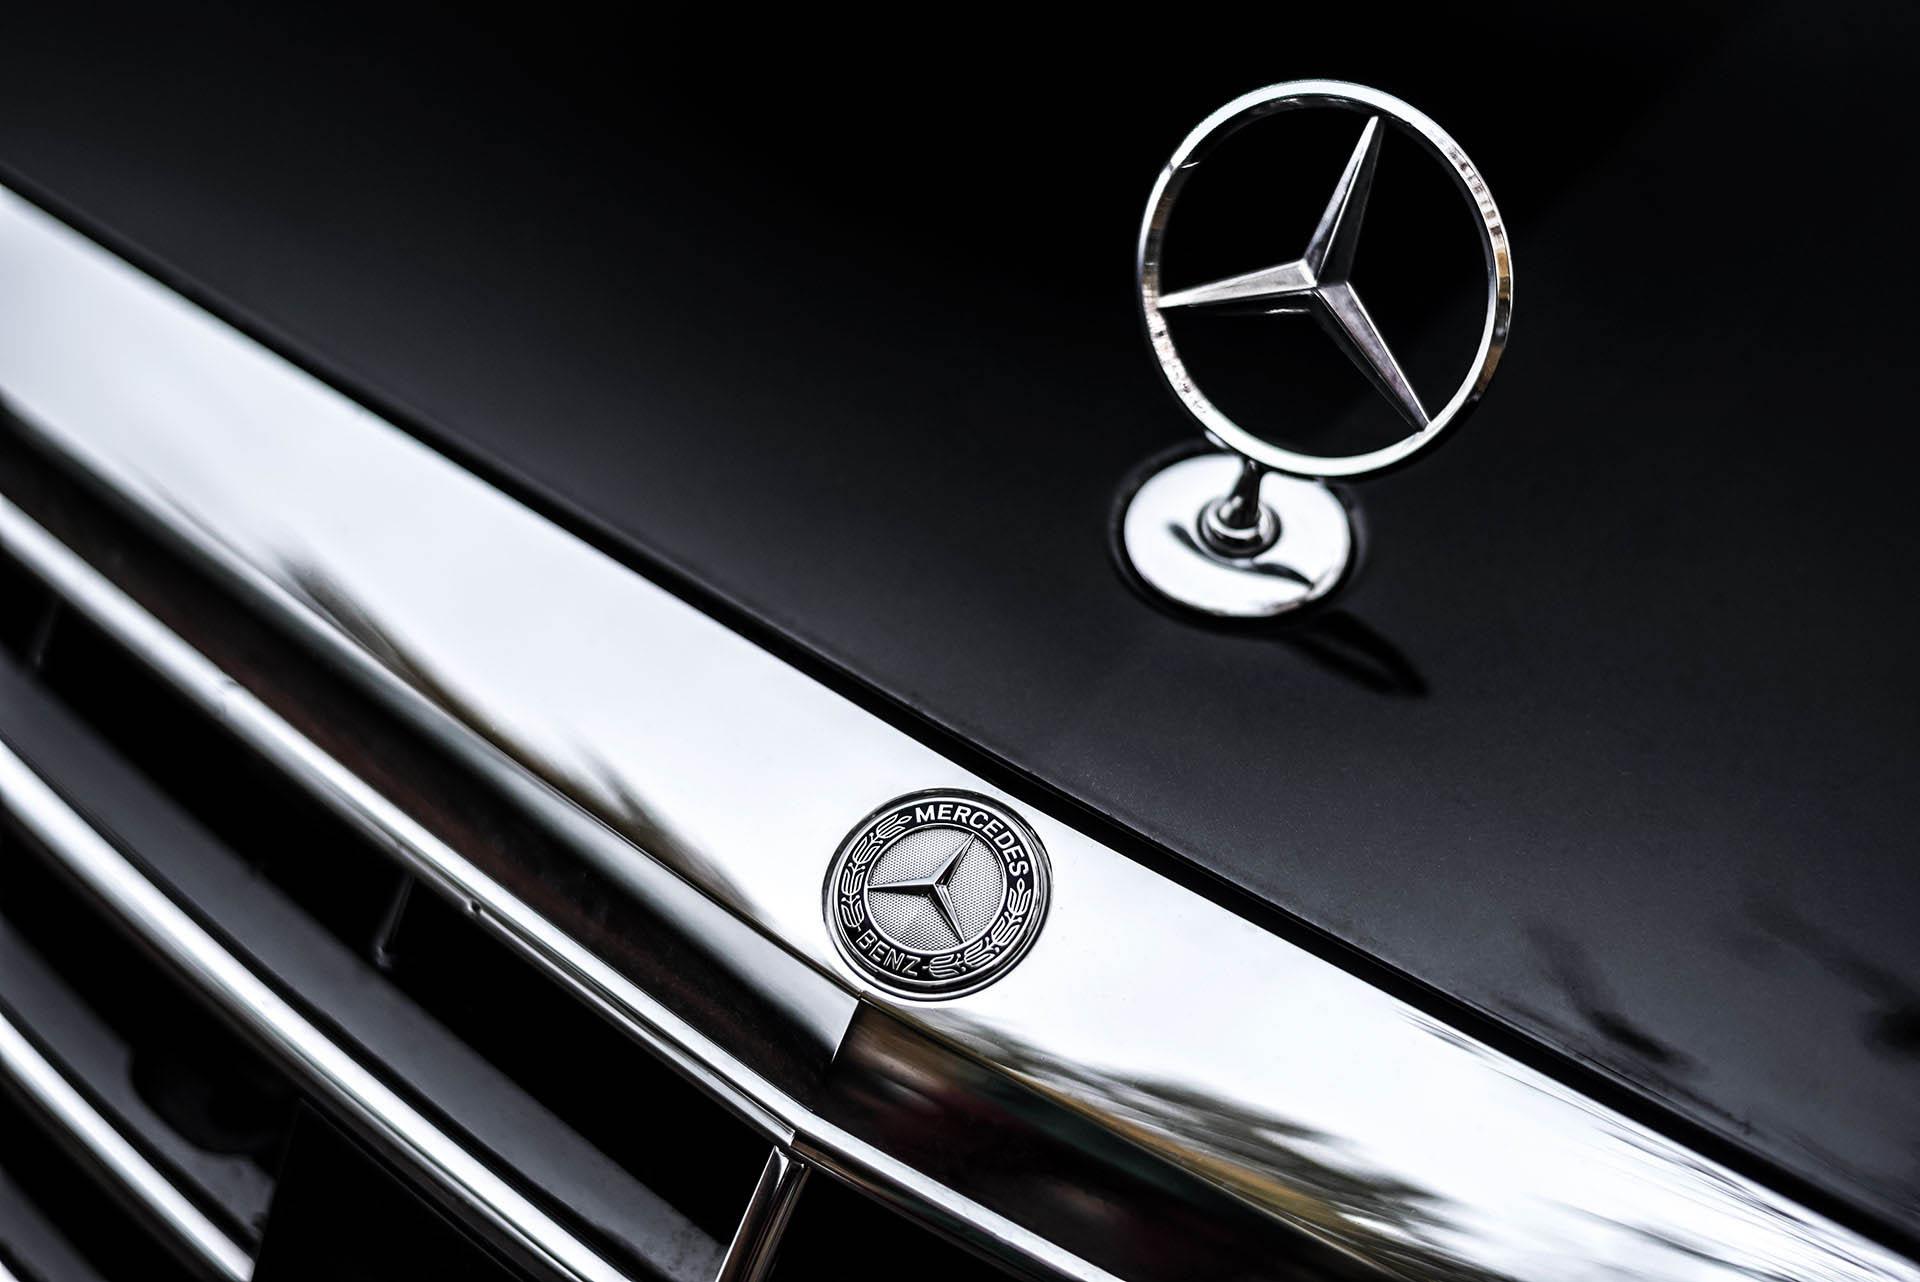 B+K_Sportwagen_Rheinland_GmbH_Mercedes_Benz_Sklasse_500_schwarz_17